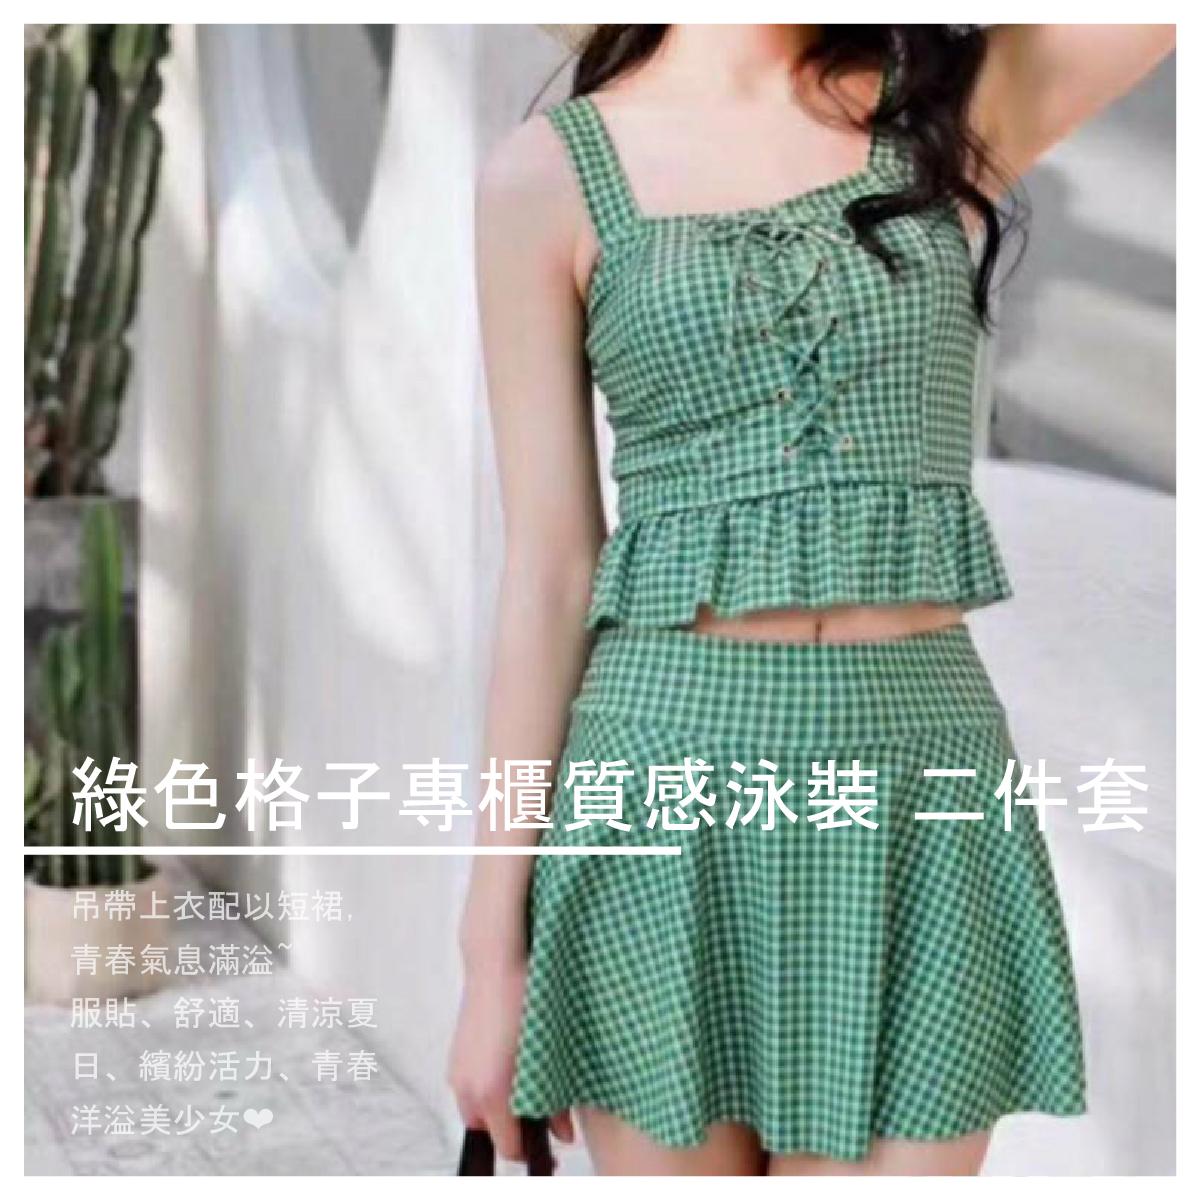 【愛戀朵拉內衣精品】綠色格子專櫃質感泳裝/尺碼L-二件套